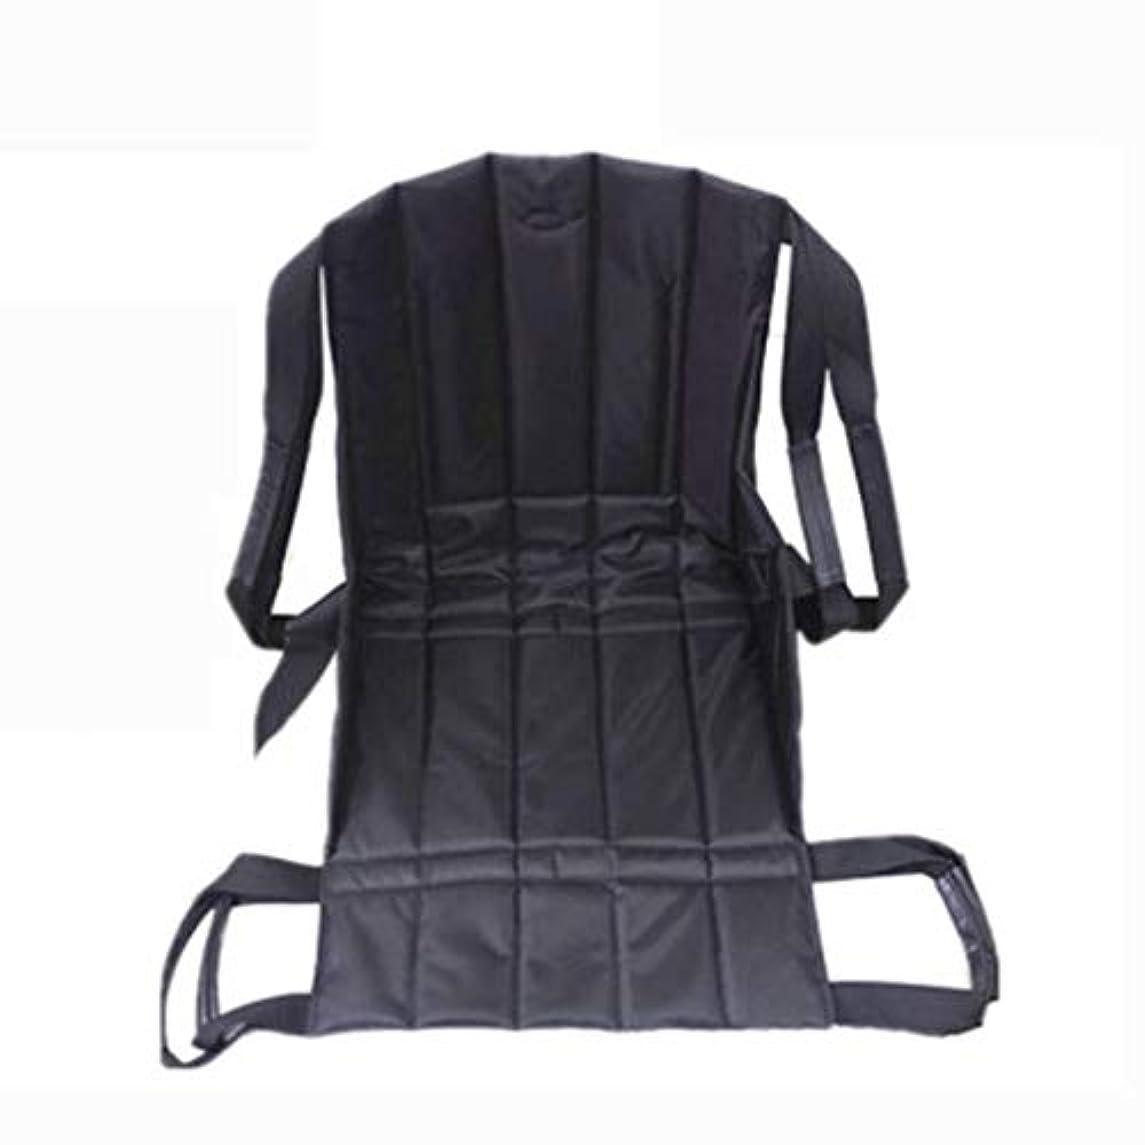 ダルセットギャザークレア患者リフト階段スライドボード移動緊急避難用椅子車椅子シートベルト安全全身医療用リフティングスリングスライディング移動ディスク使用高齢者用